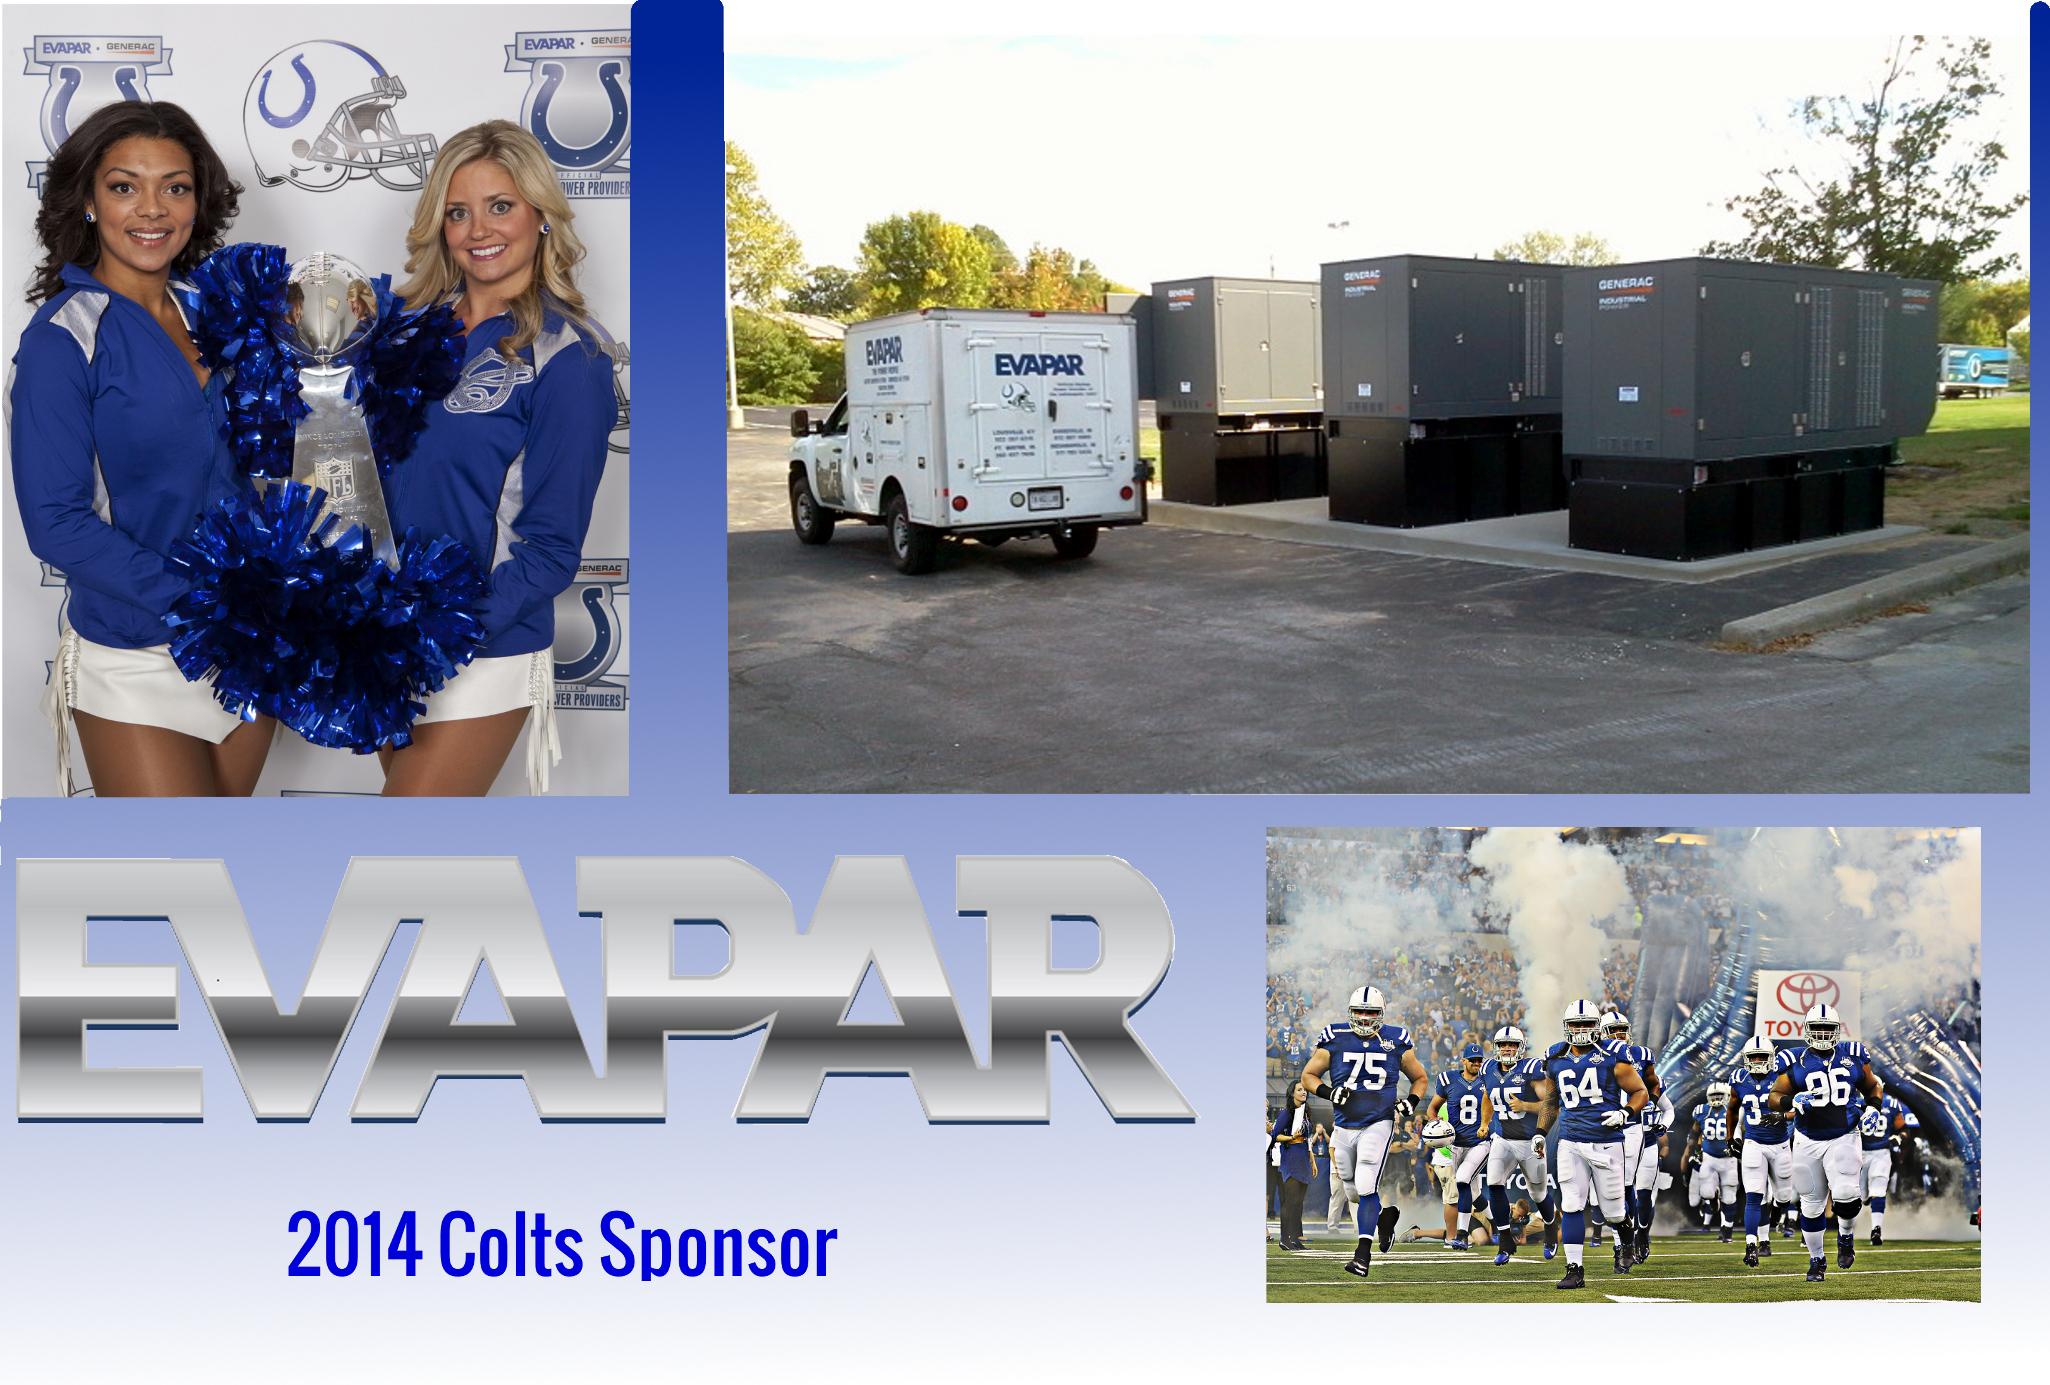 Indianapolis Colt's Sponsor for 2014 - EVAPAR